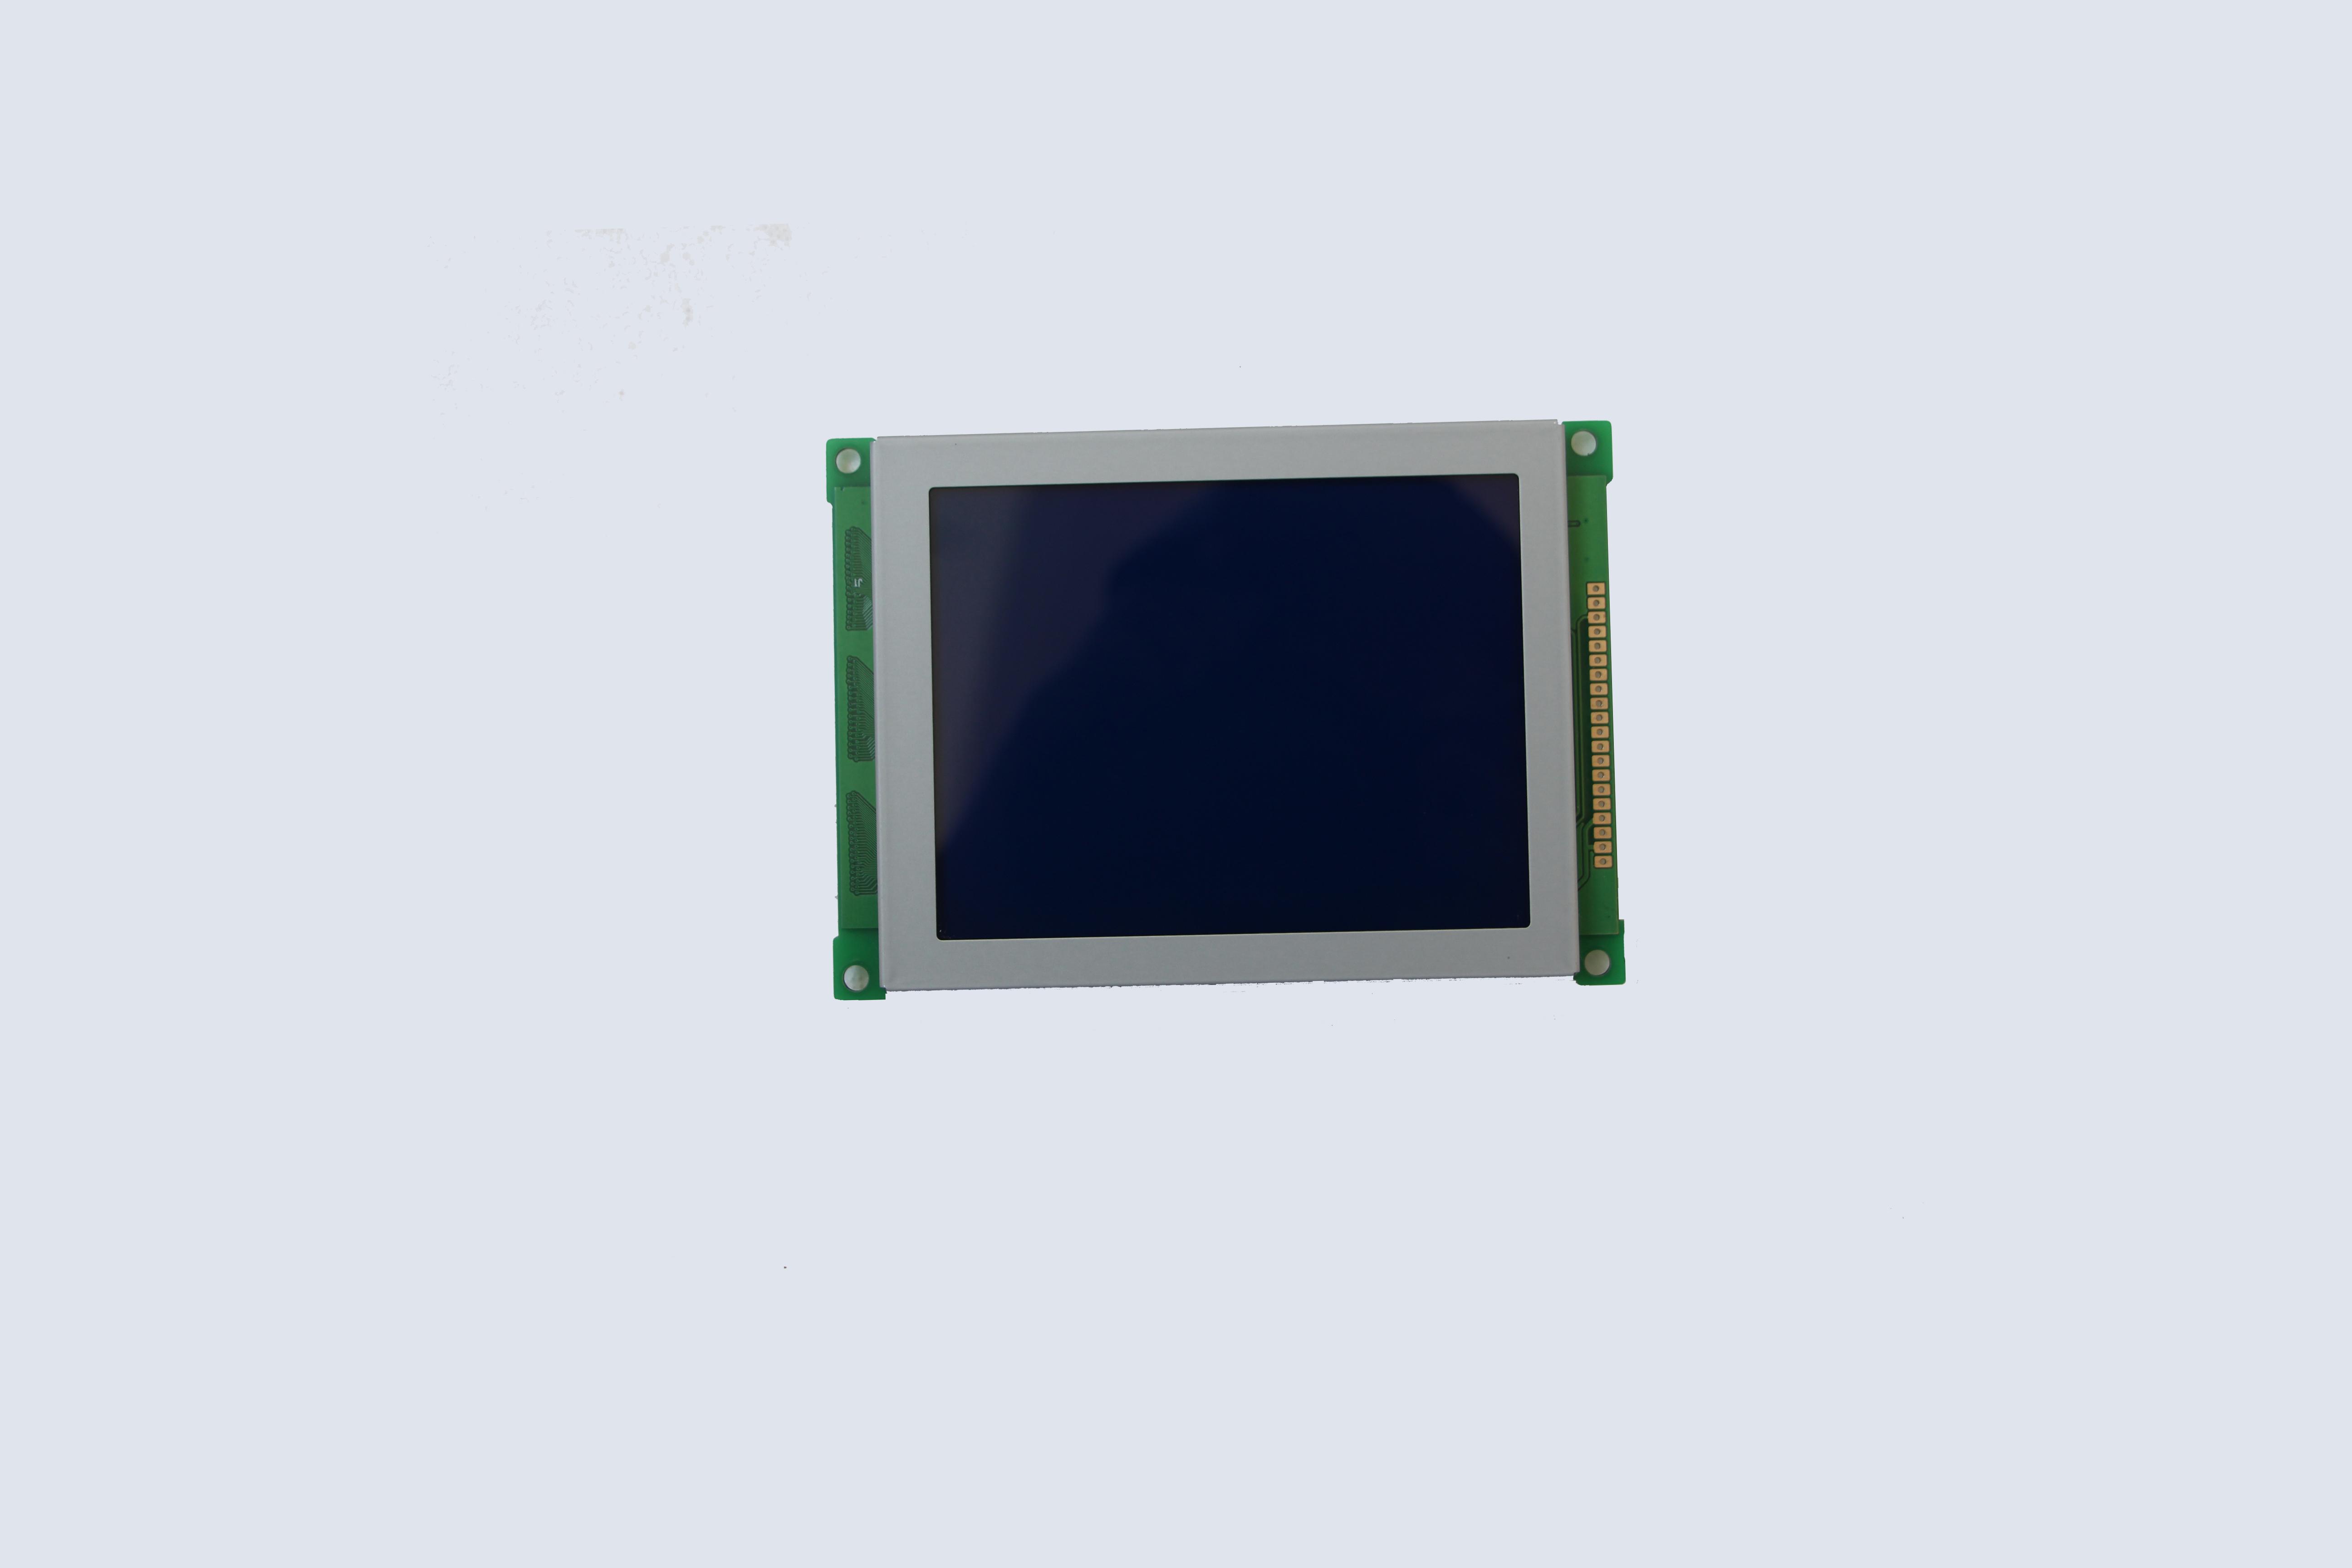 320x240 Lcd Display Module 5.1